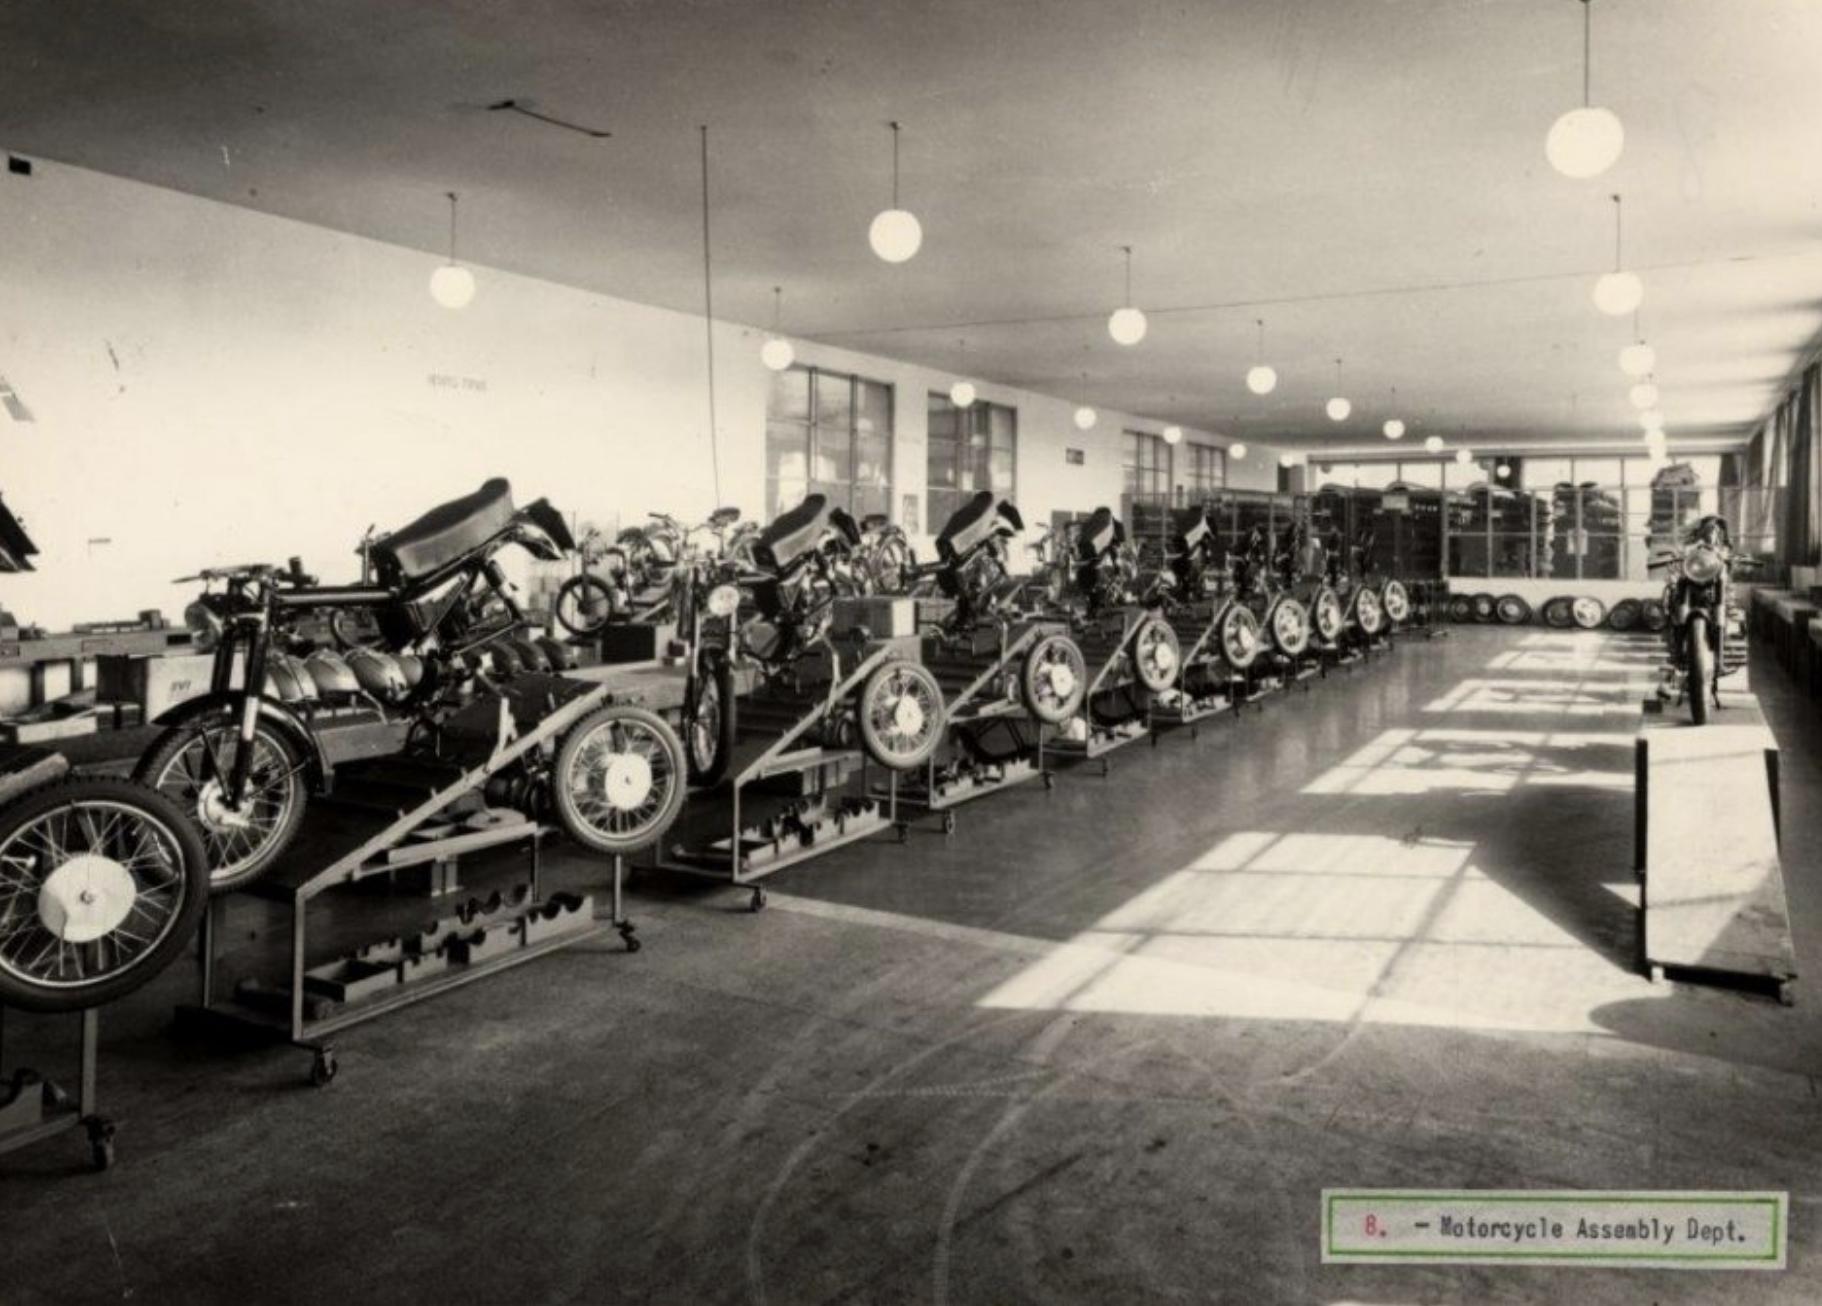 Ducati_foto archivio.jpg